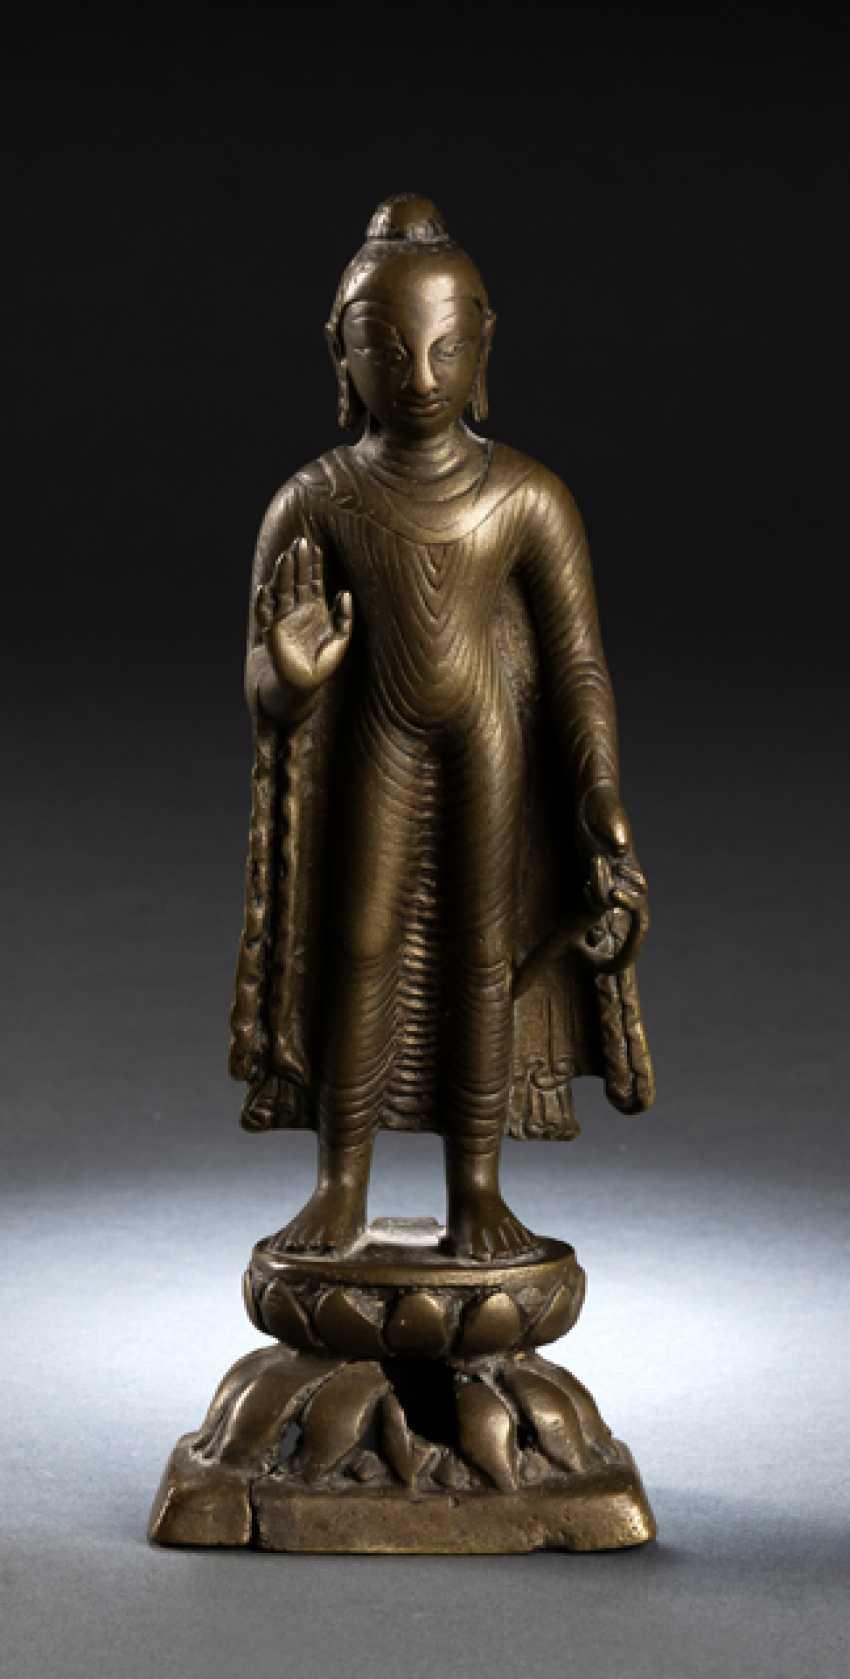 Bronze of Buddha Shakyamuni with silver deposits on a Lotus - photo 1